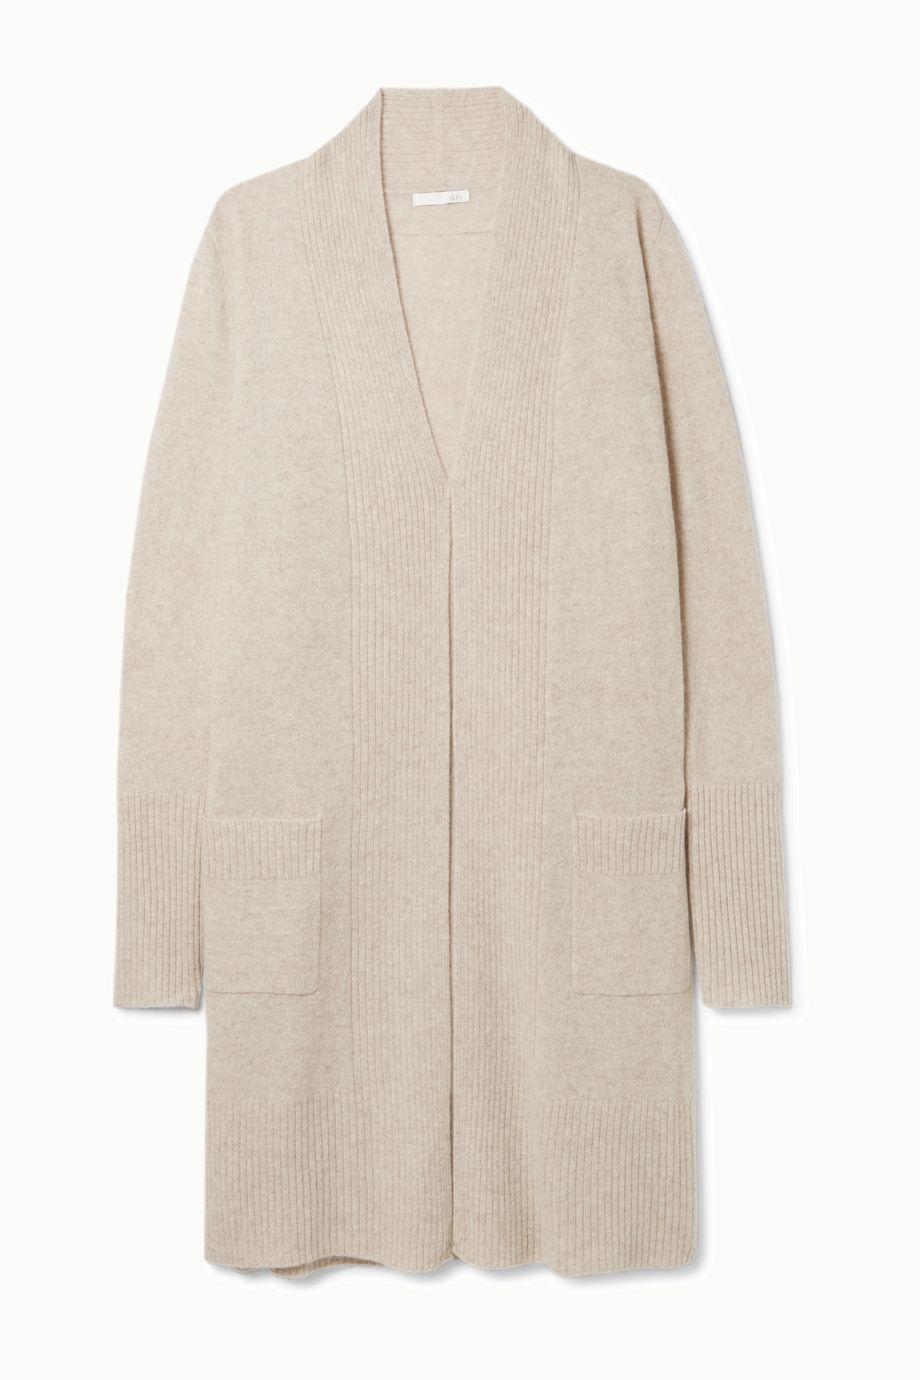 Skin Gweneth cashmere cardigan